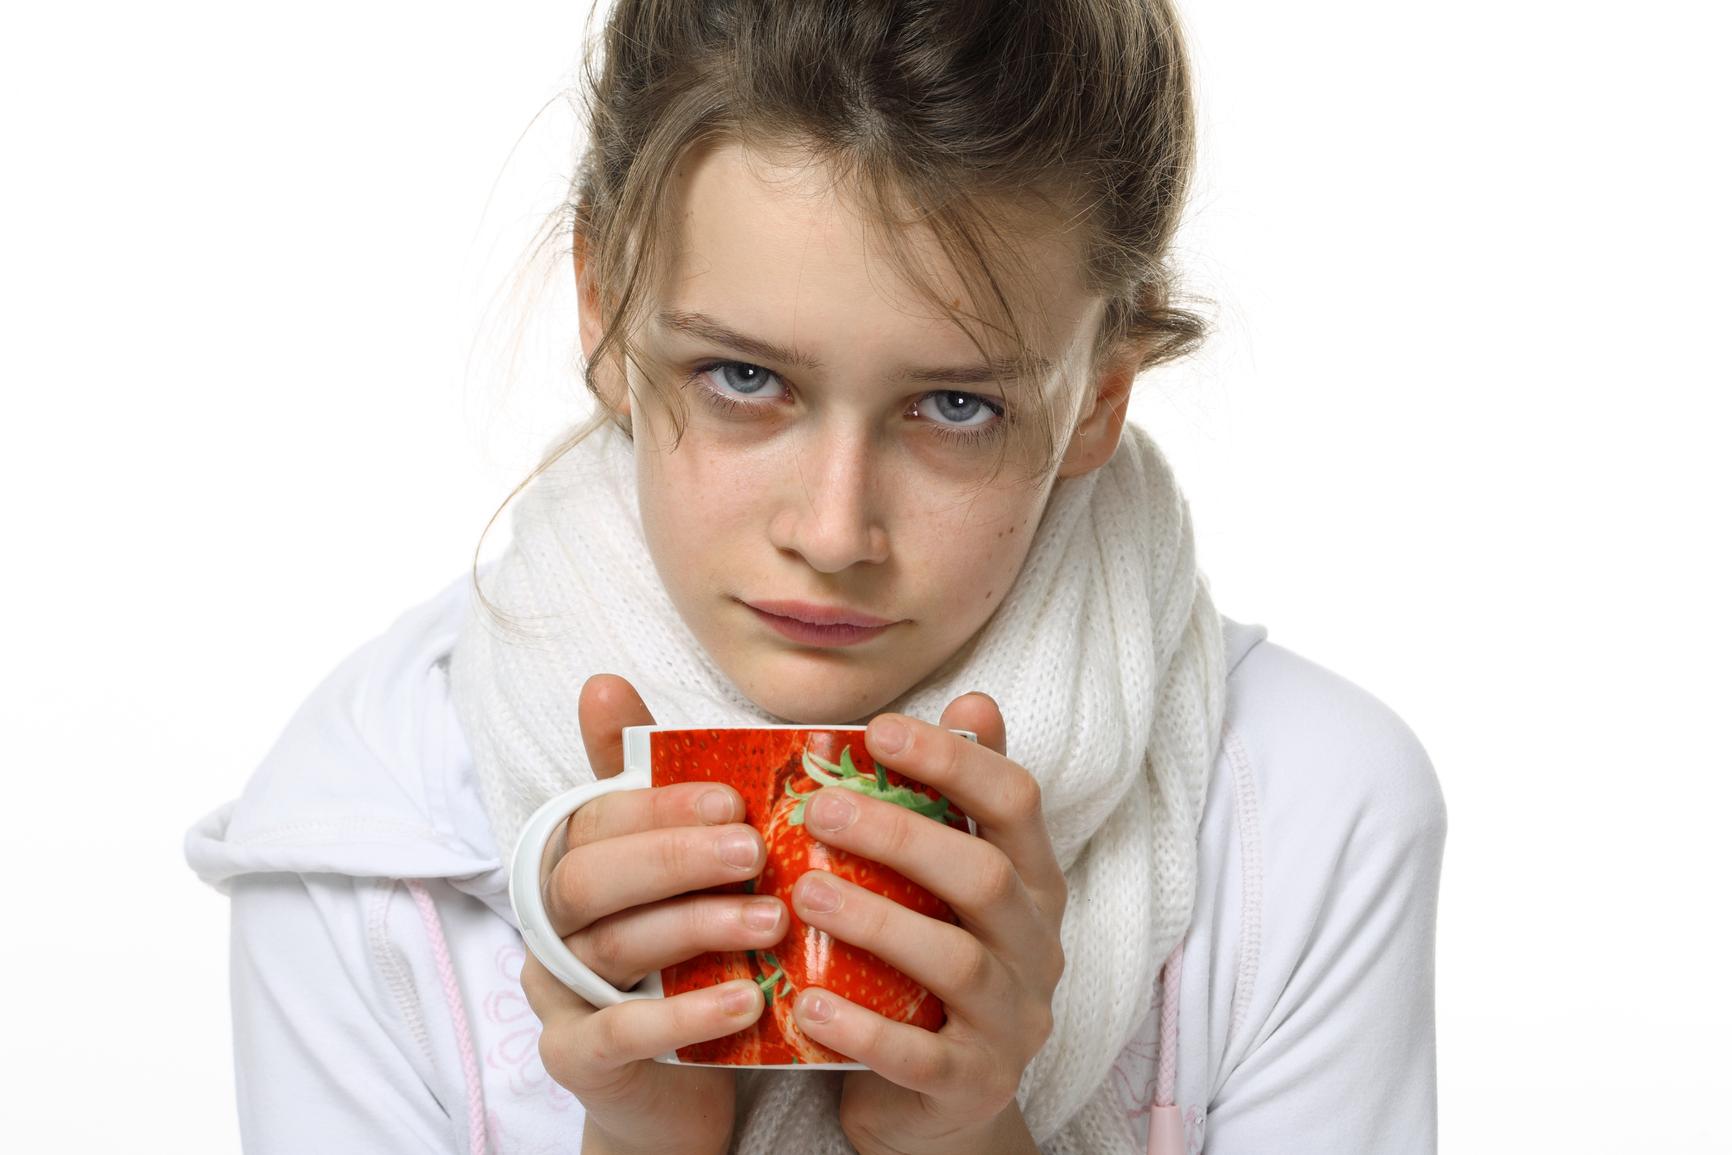 Megfázás vagy allergia?